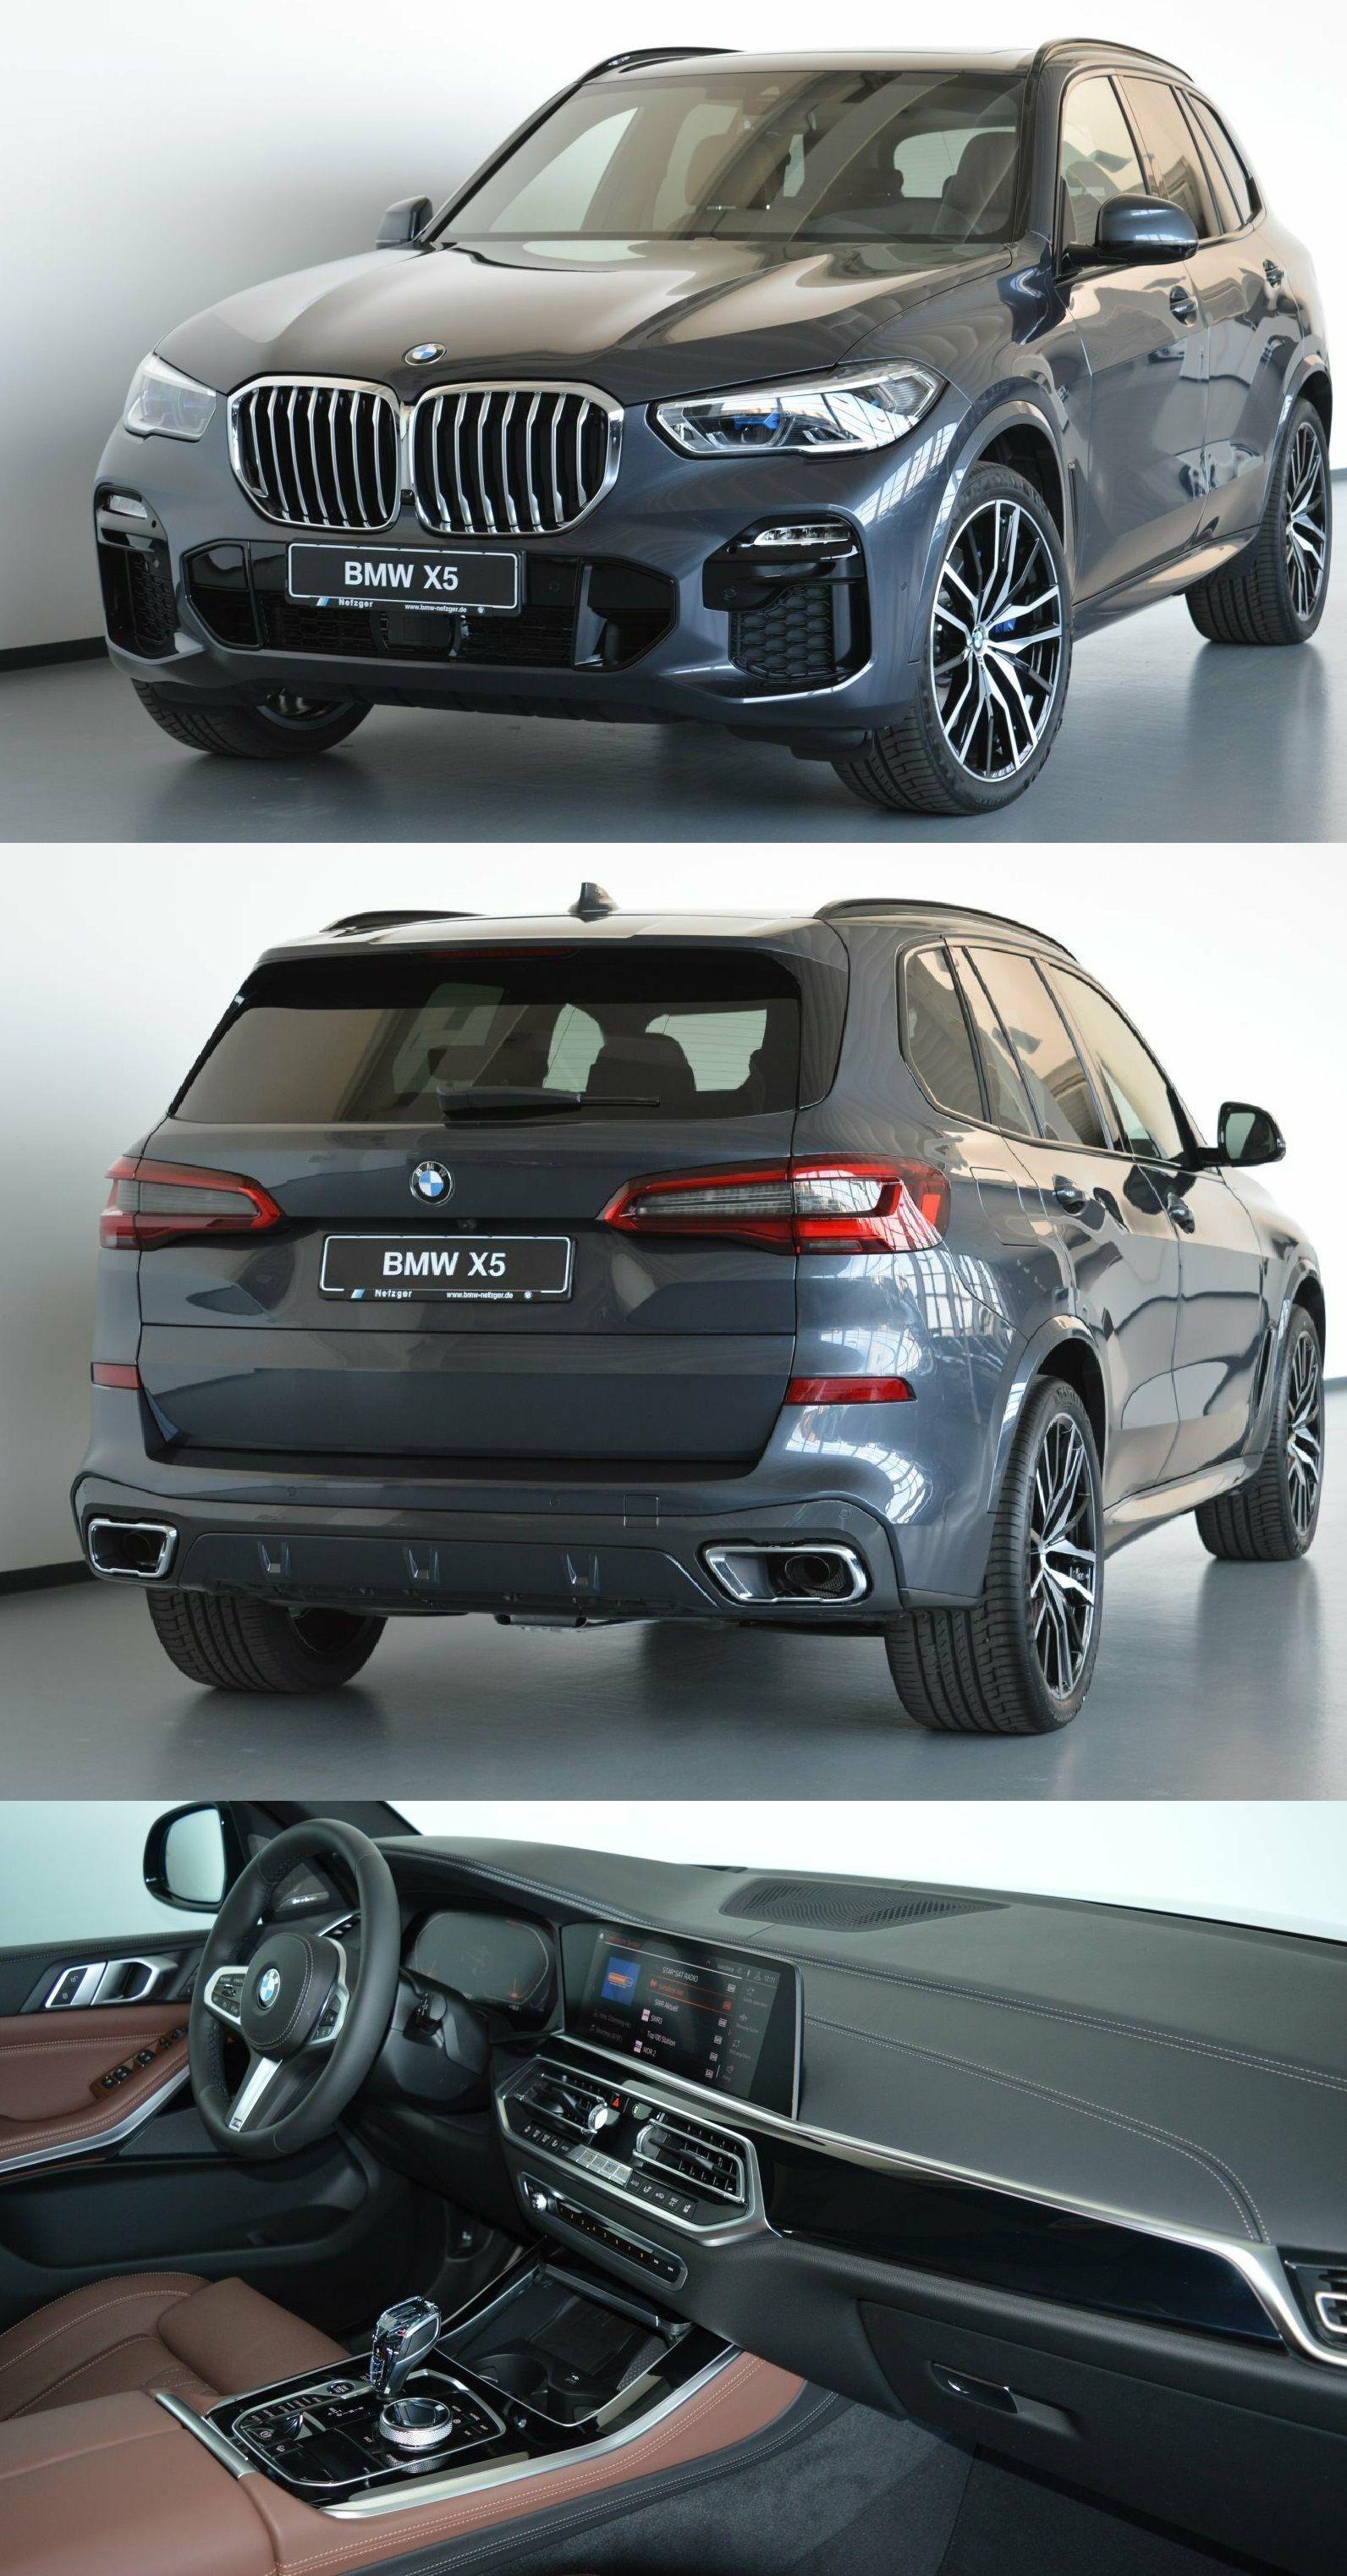 bmw x5 bmw suv sports cars luxury bmw x5 pinterest